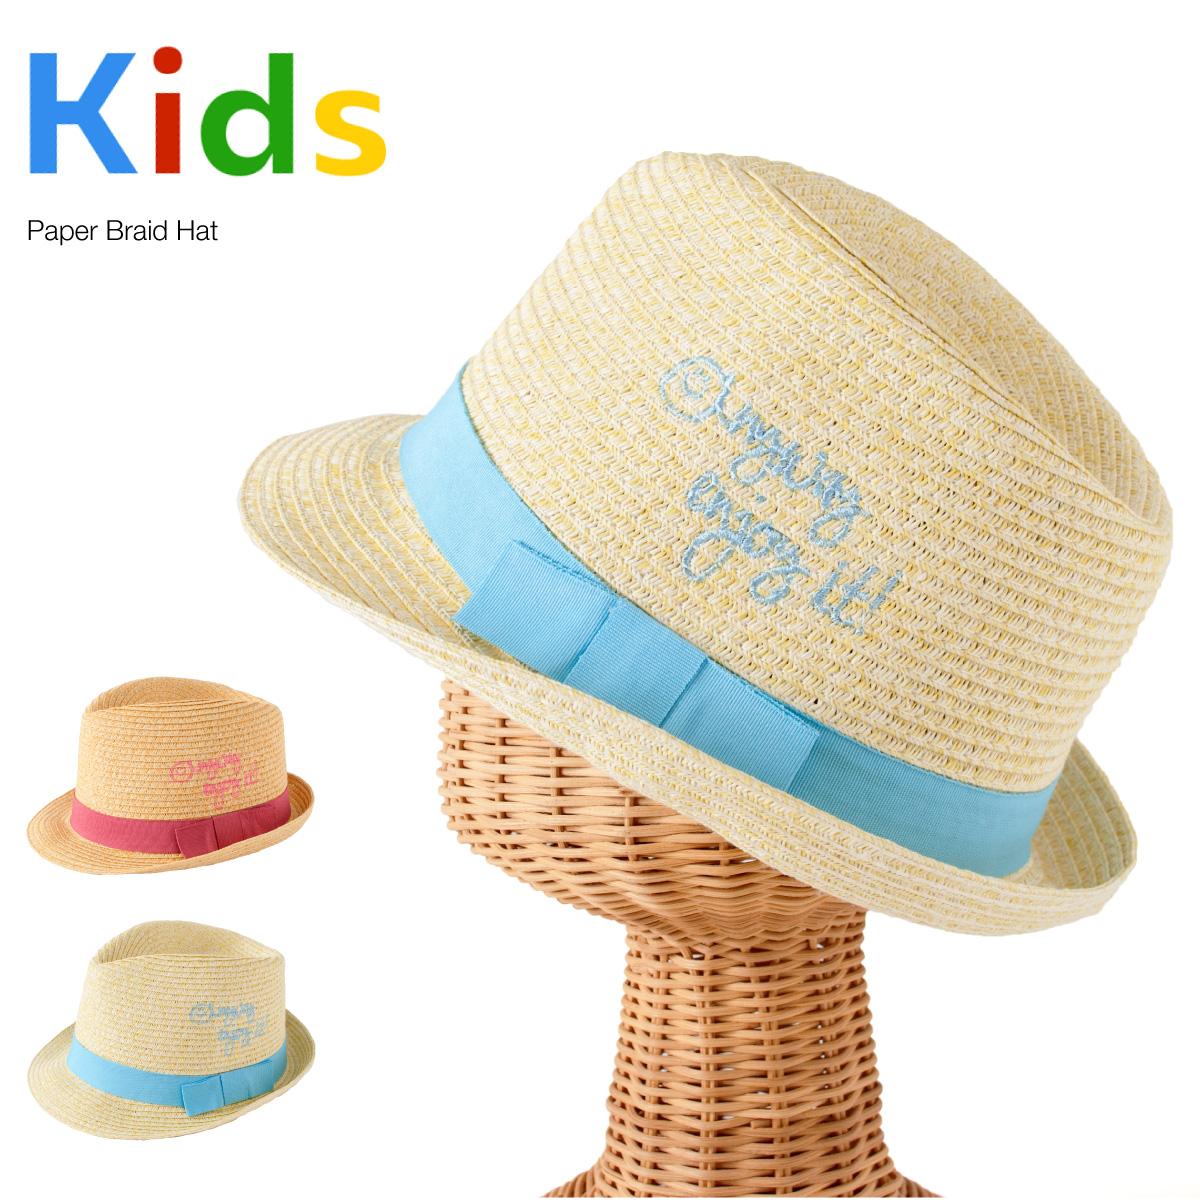 子供 キッズ ハット 中折れ帽子 ブレードハット 激安挑戦中 送料無料お手入れ要らず ステッチ キッズペーパーブレード中折れハット帽子 刺繍入り